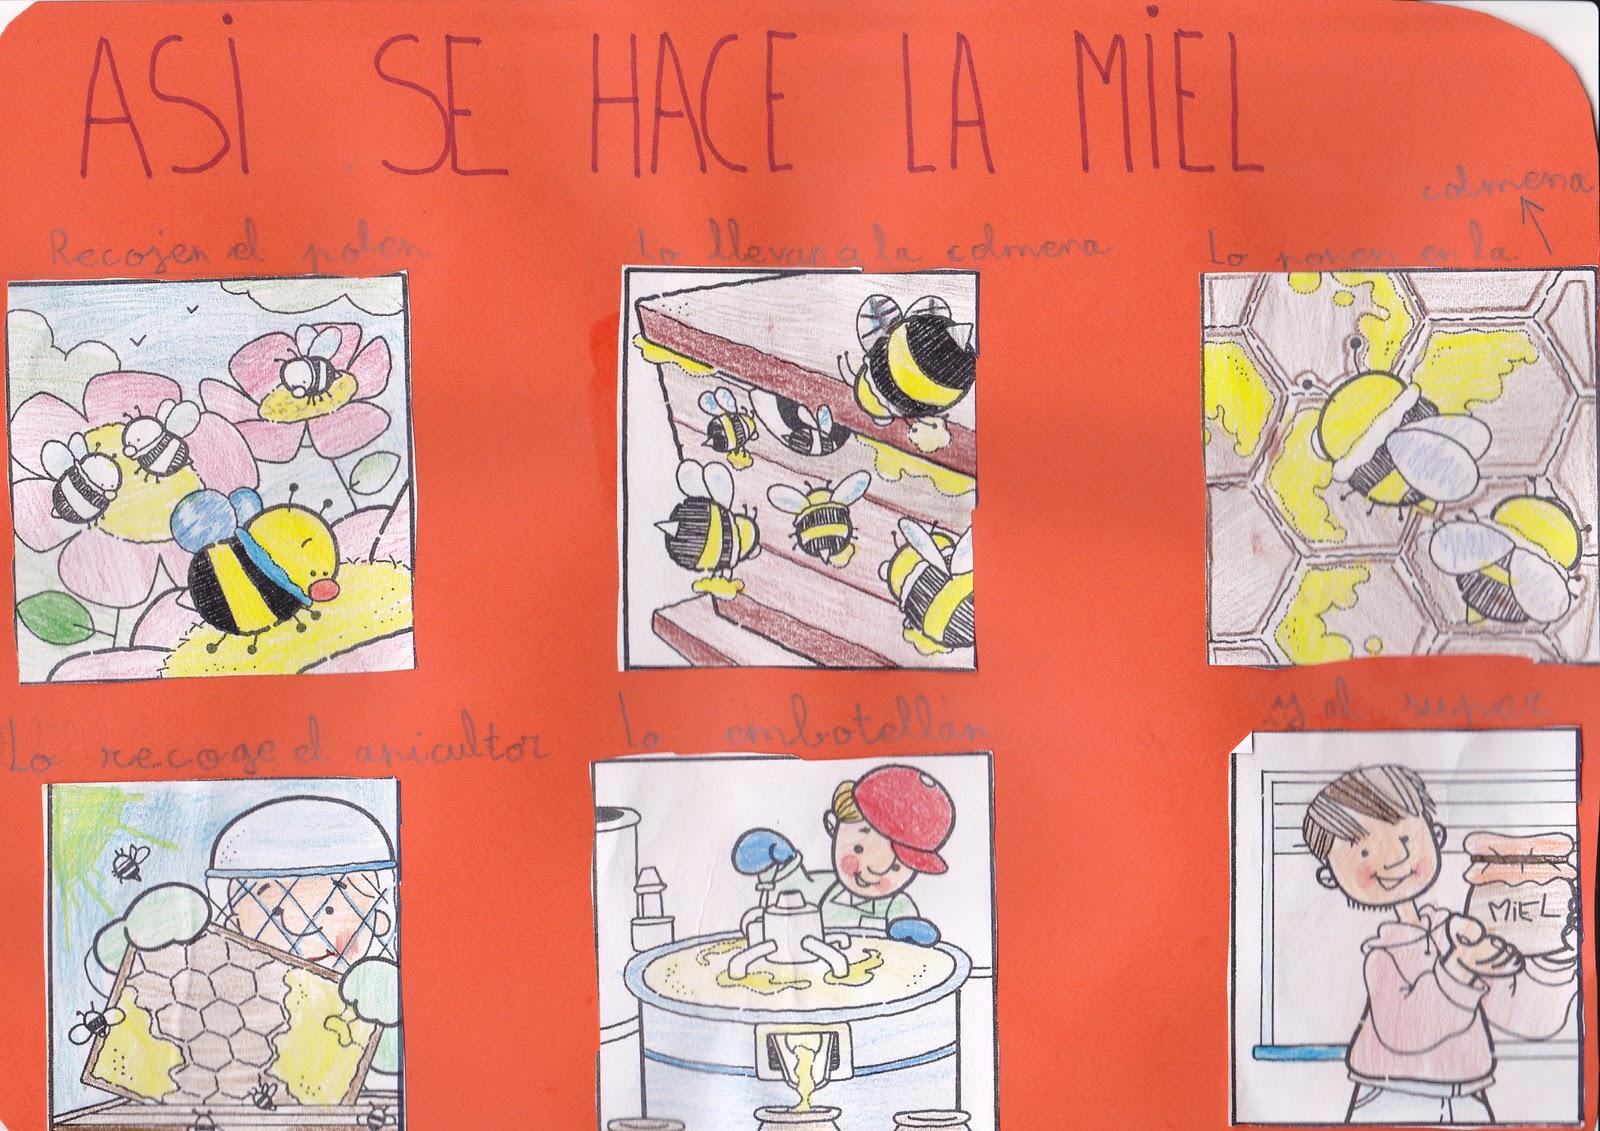 Ceip El Zargal Second Grade Asi Se Hace La Miel Rafael